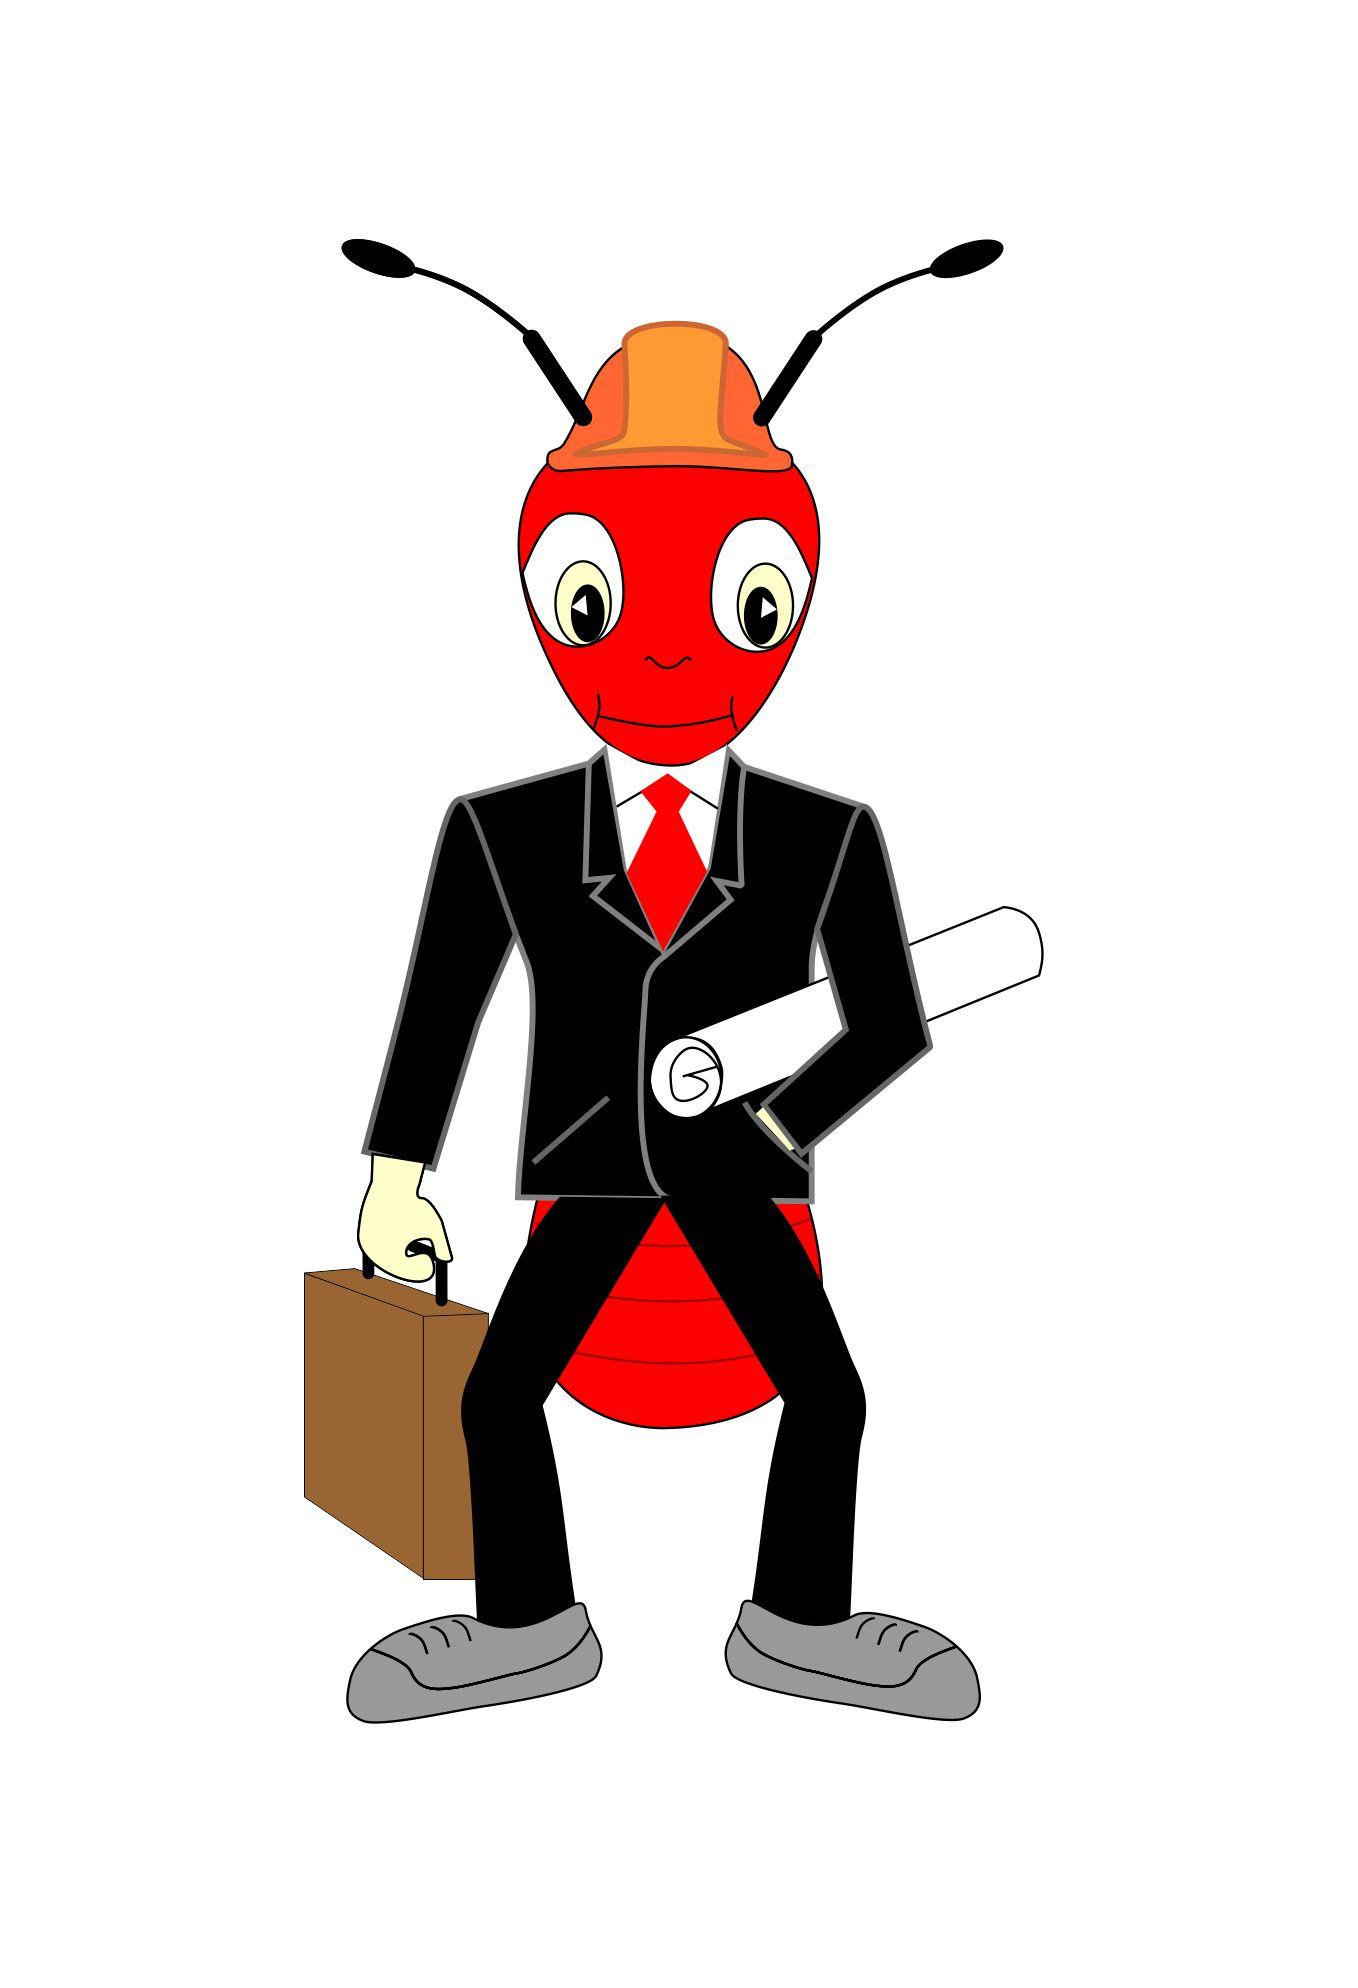 """Необходимо разработать дизайн персонажа """"Муравей"""" для сайта  фото f_2915774d9794c099.jpg"""